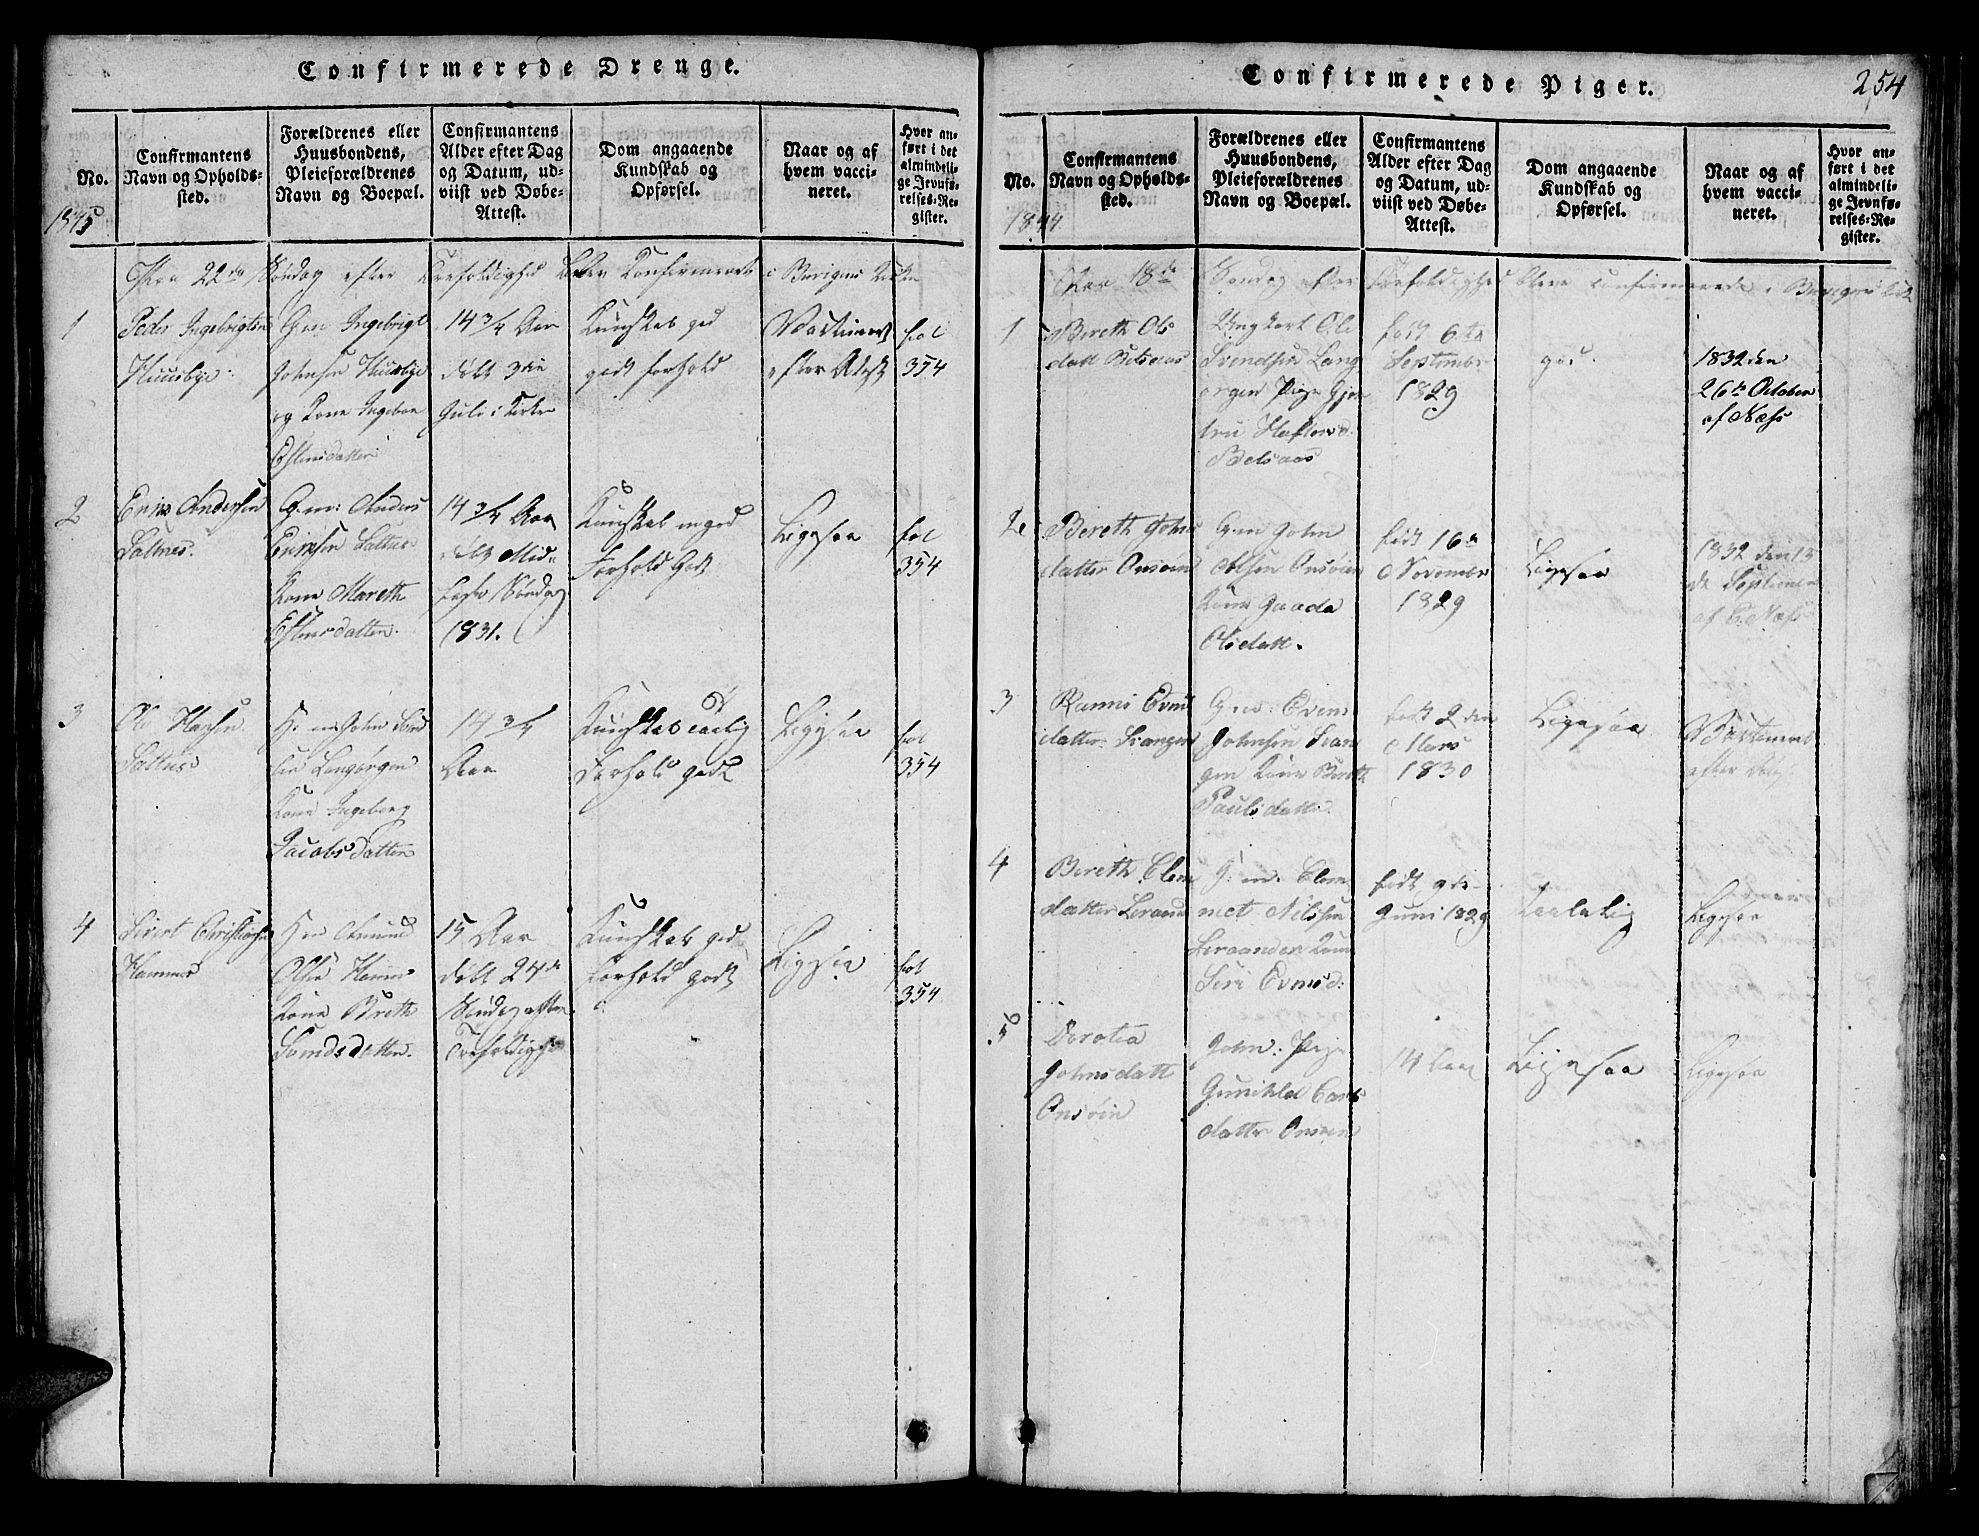 SAT, Ministerialprotokoller, klokkerbøker og fødselsregistre - Sør-Trøndelag, 666/L0788: Klokkerbok nr. 666C01, 1816-1847, s. 254